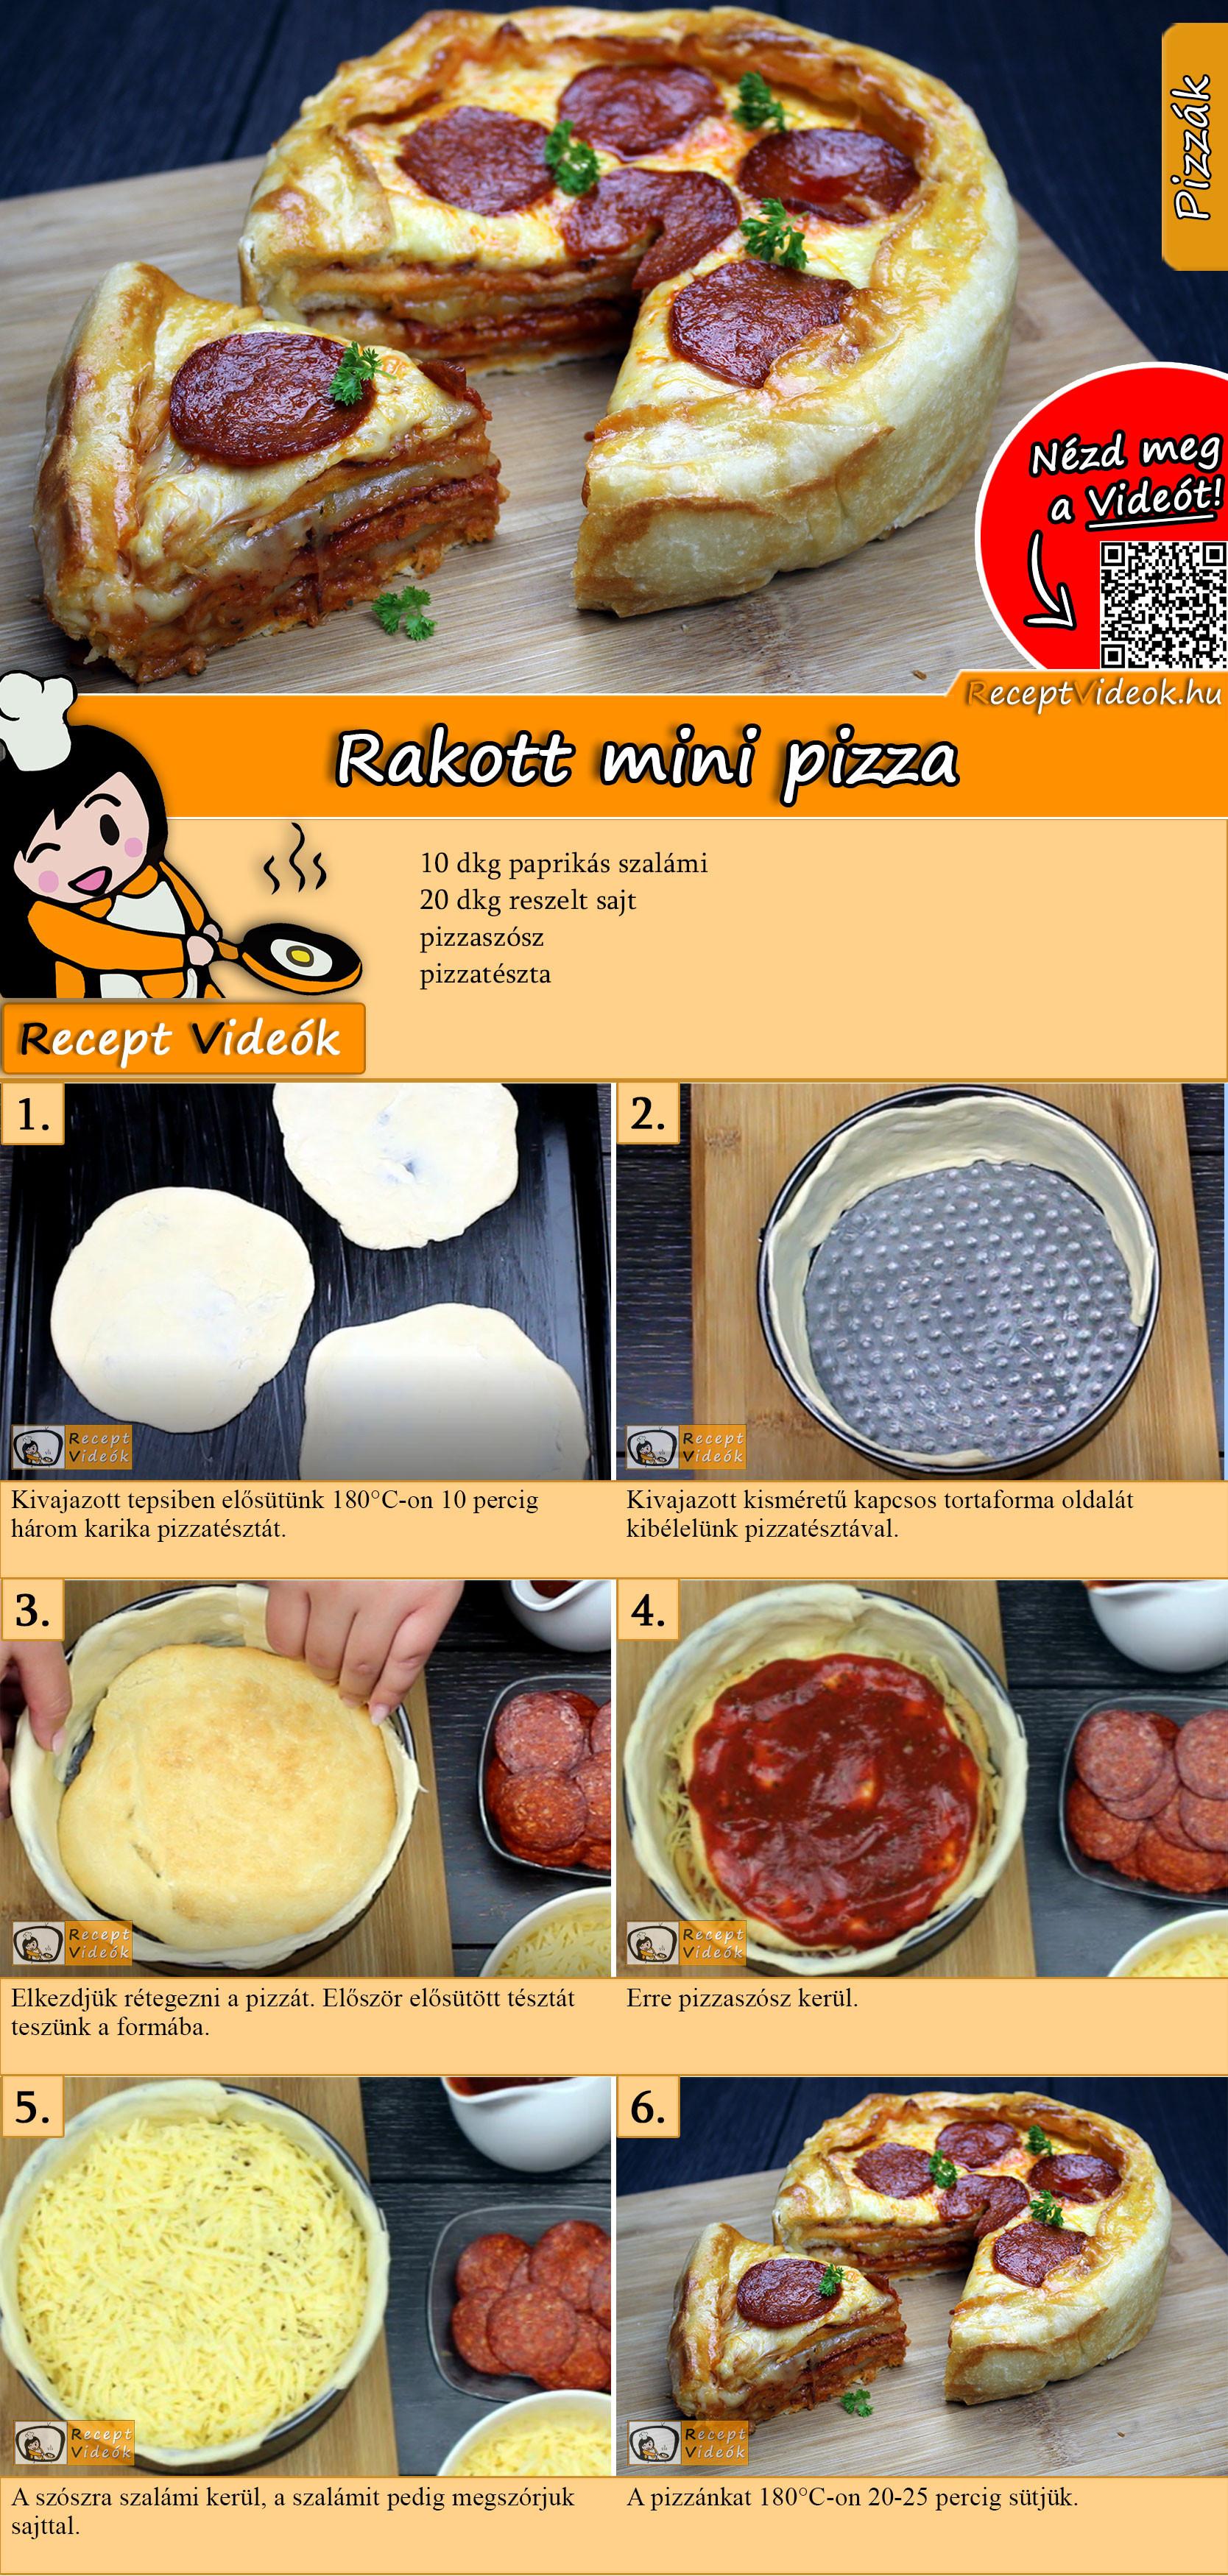 Rakott mini pizza recept elkészítése videóval